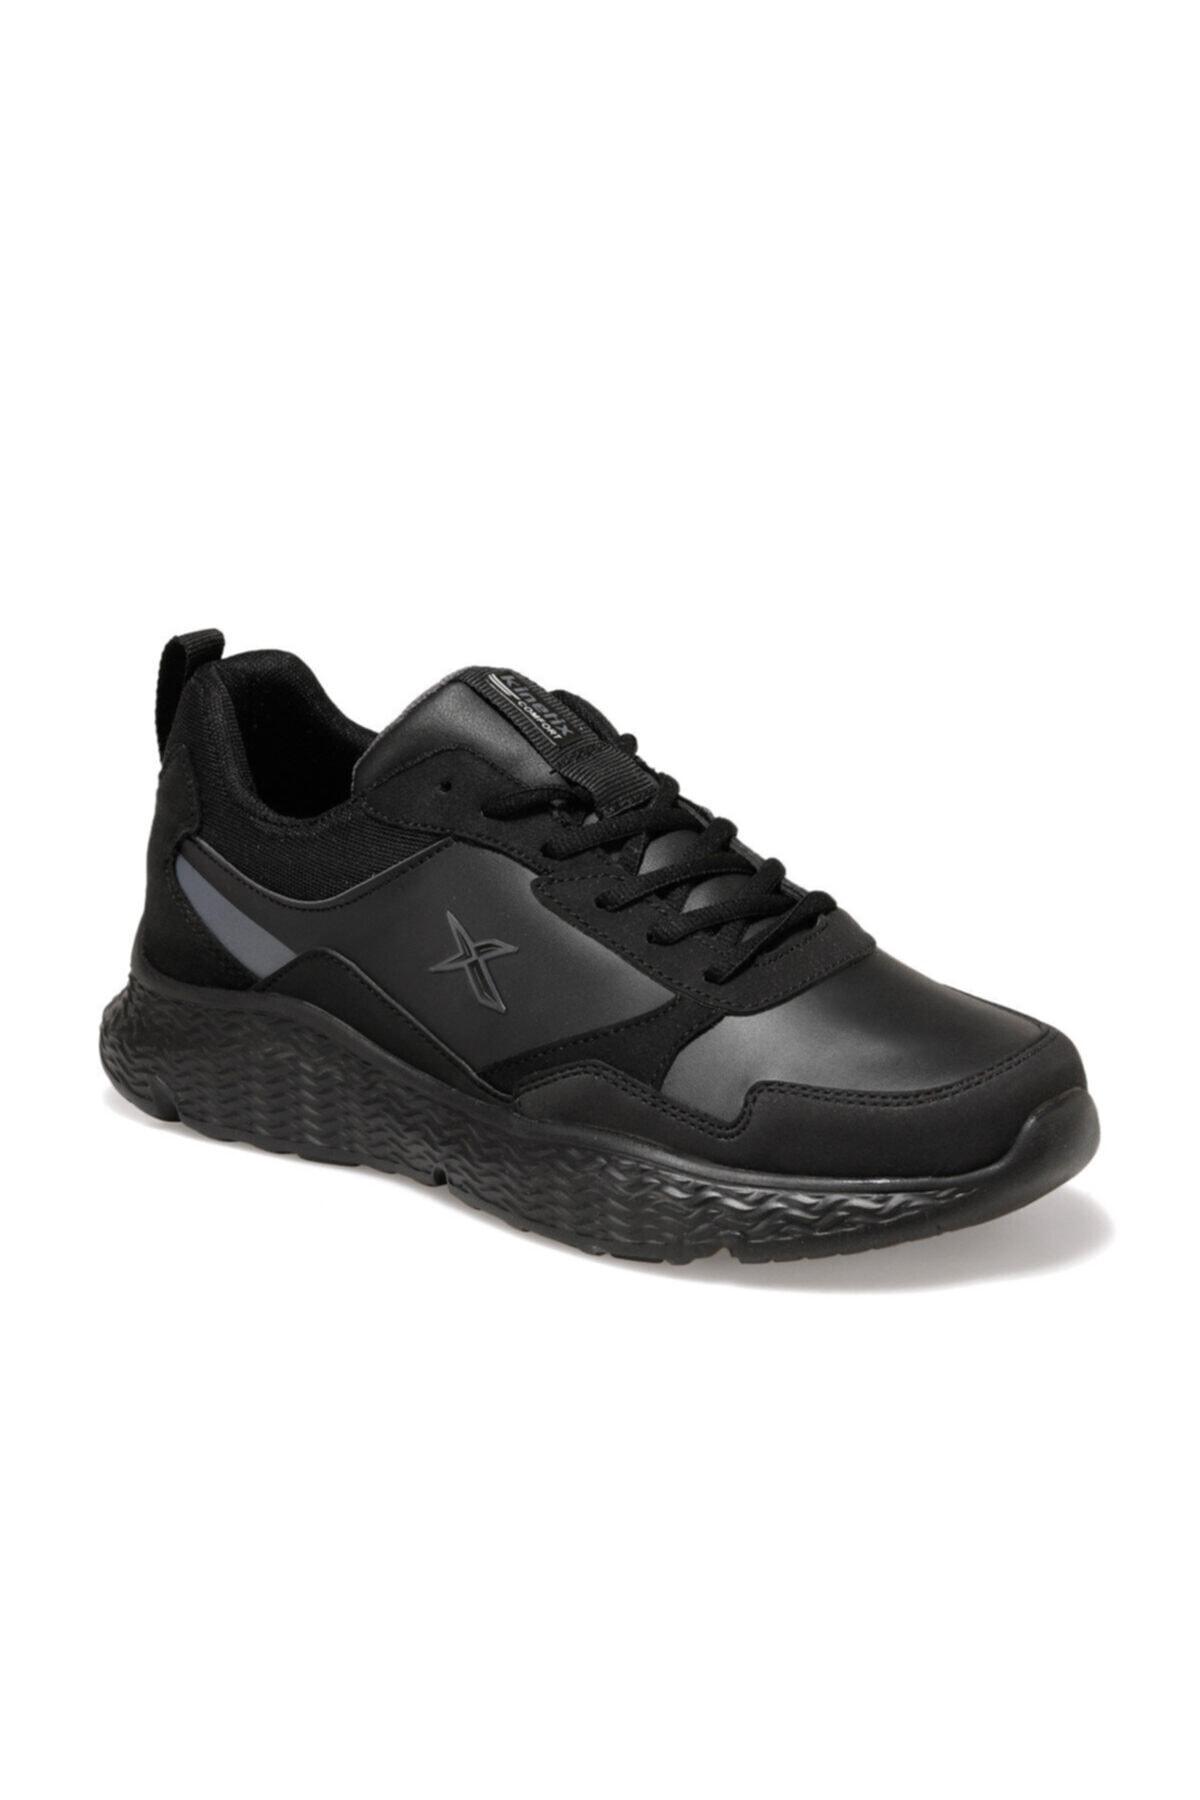 فروشگاه کفش مخصوص پیاده روی مردانه برند کینتیکس kinetix رنگ مشکی کد ty55267869